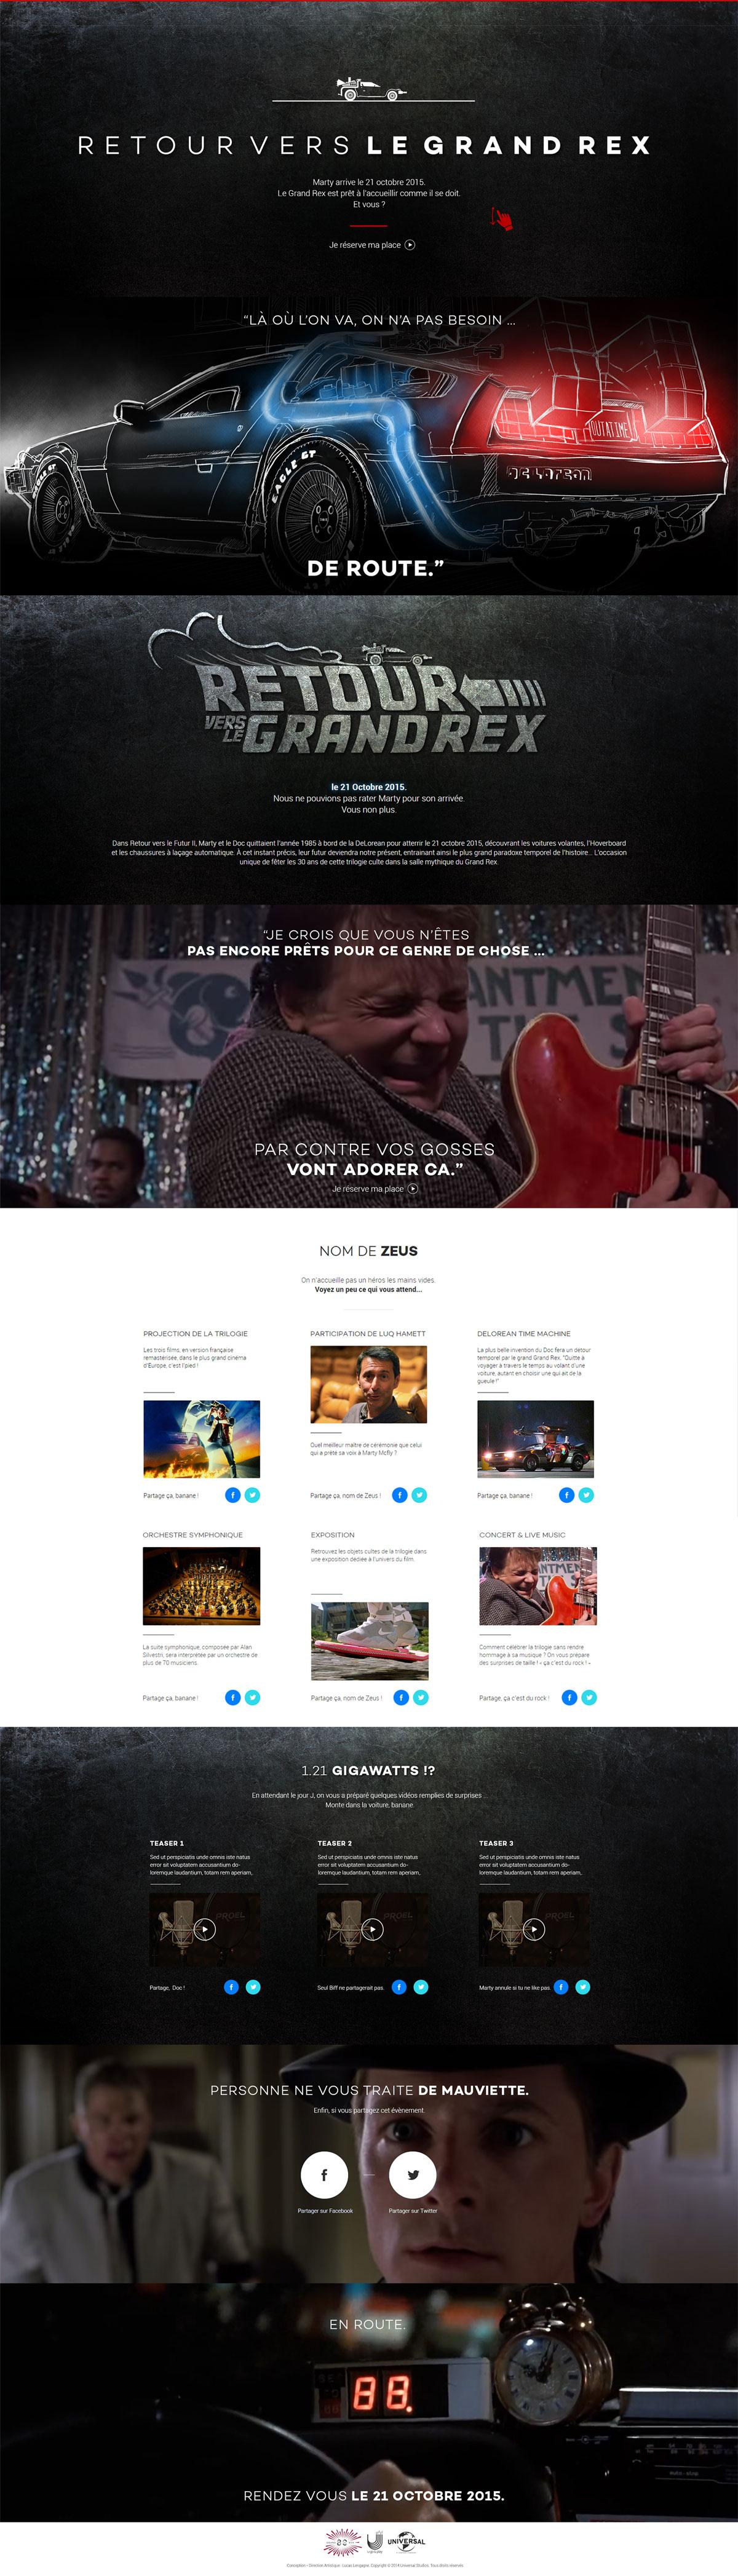 web-design-retour-vers-le-grand-rex-website